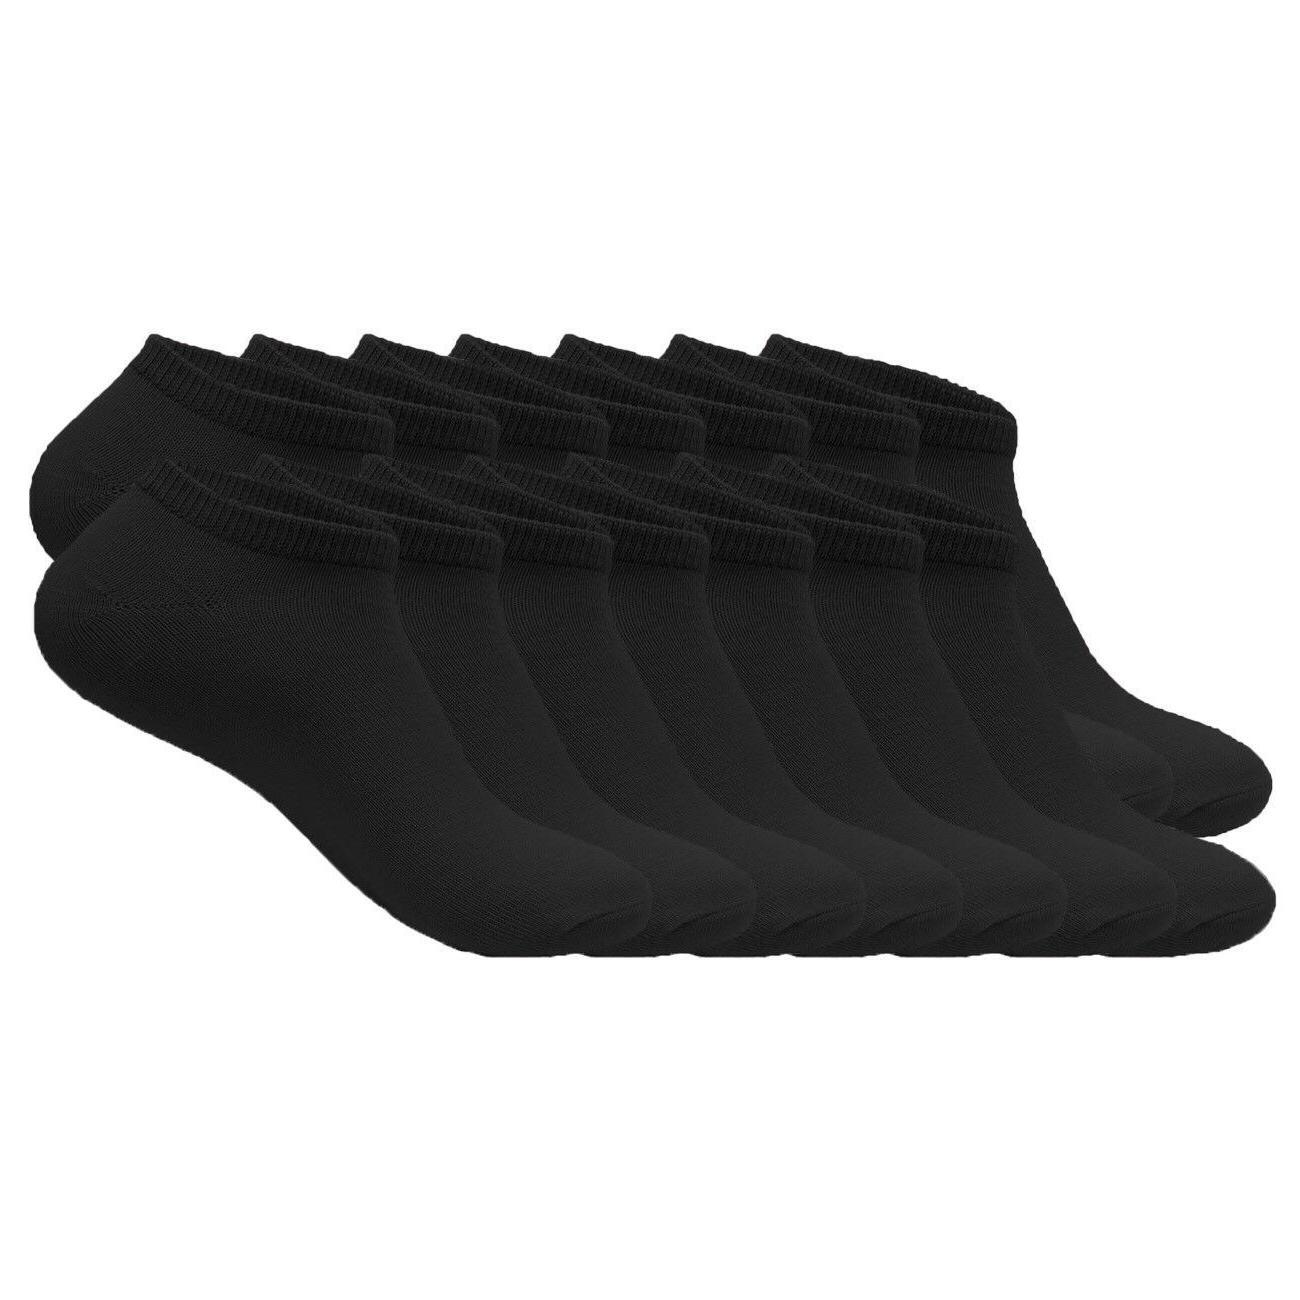 14 pairs men s low cut ankle